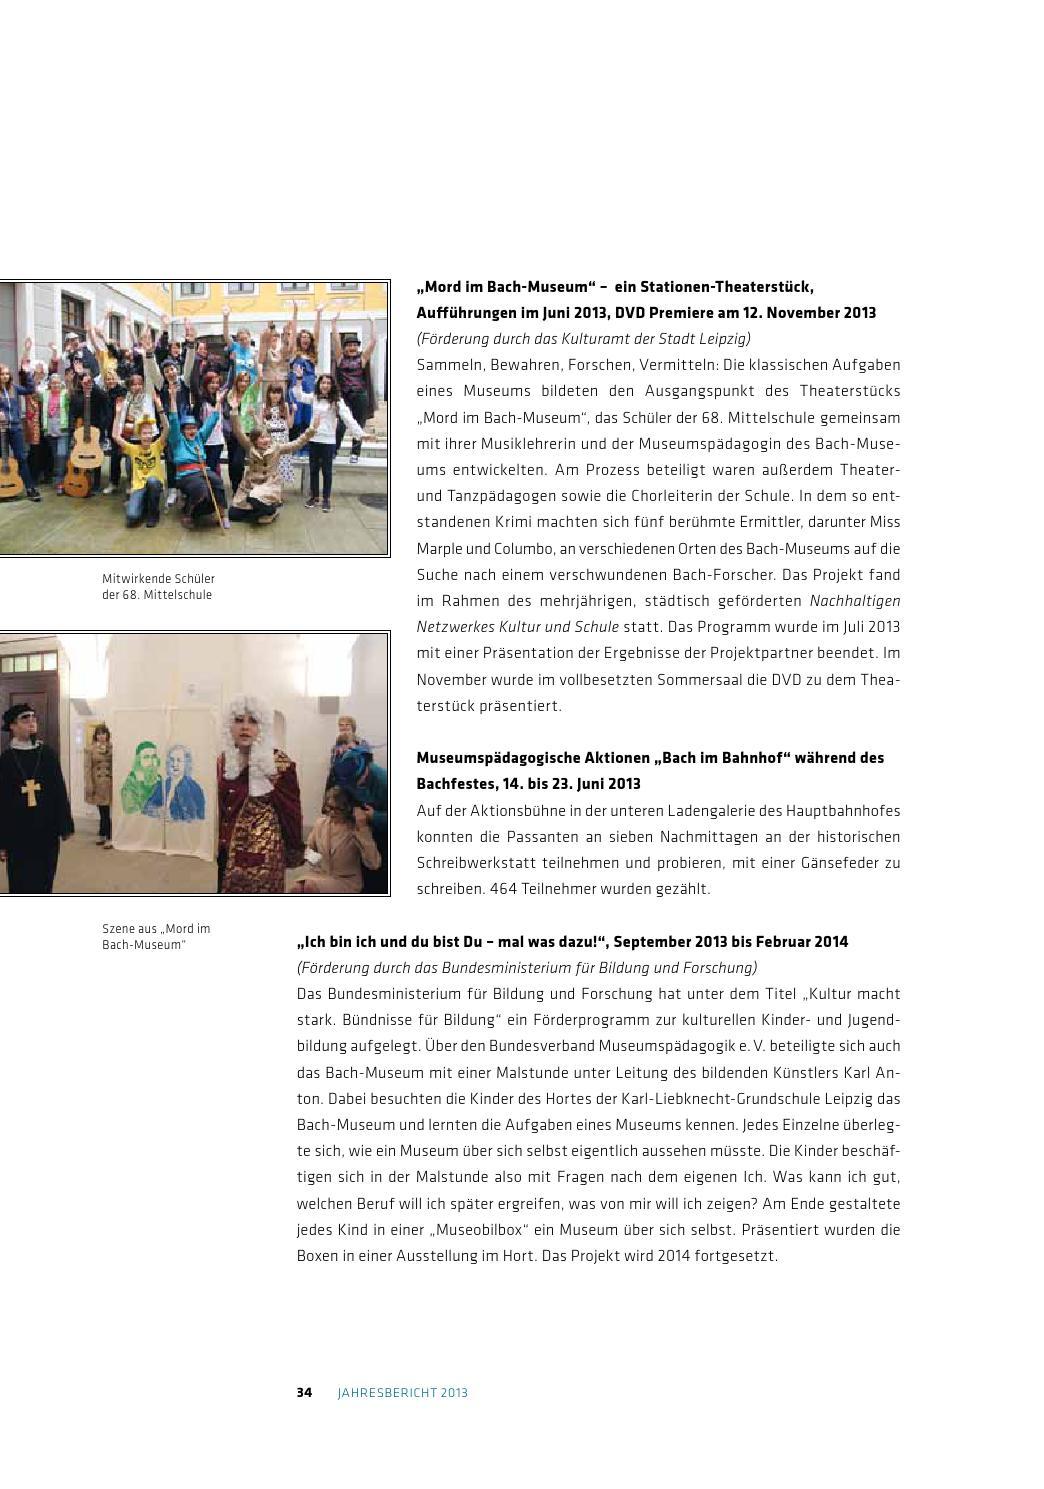 Erfreut Schreiben Wird 2014 Fortgesetzt Galerie - Beispiel ...